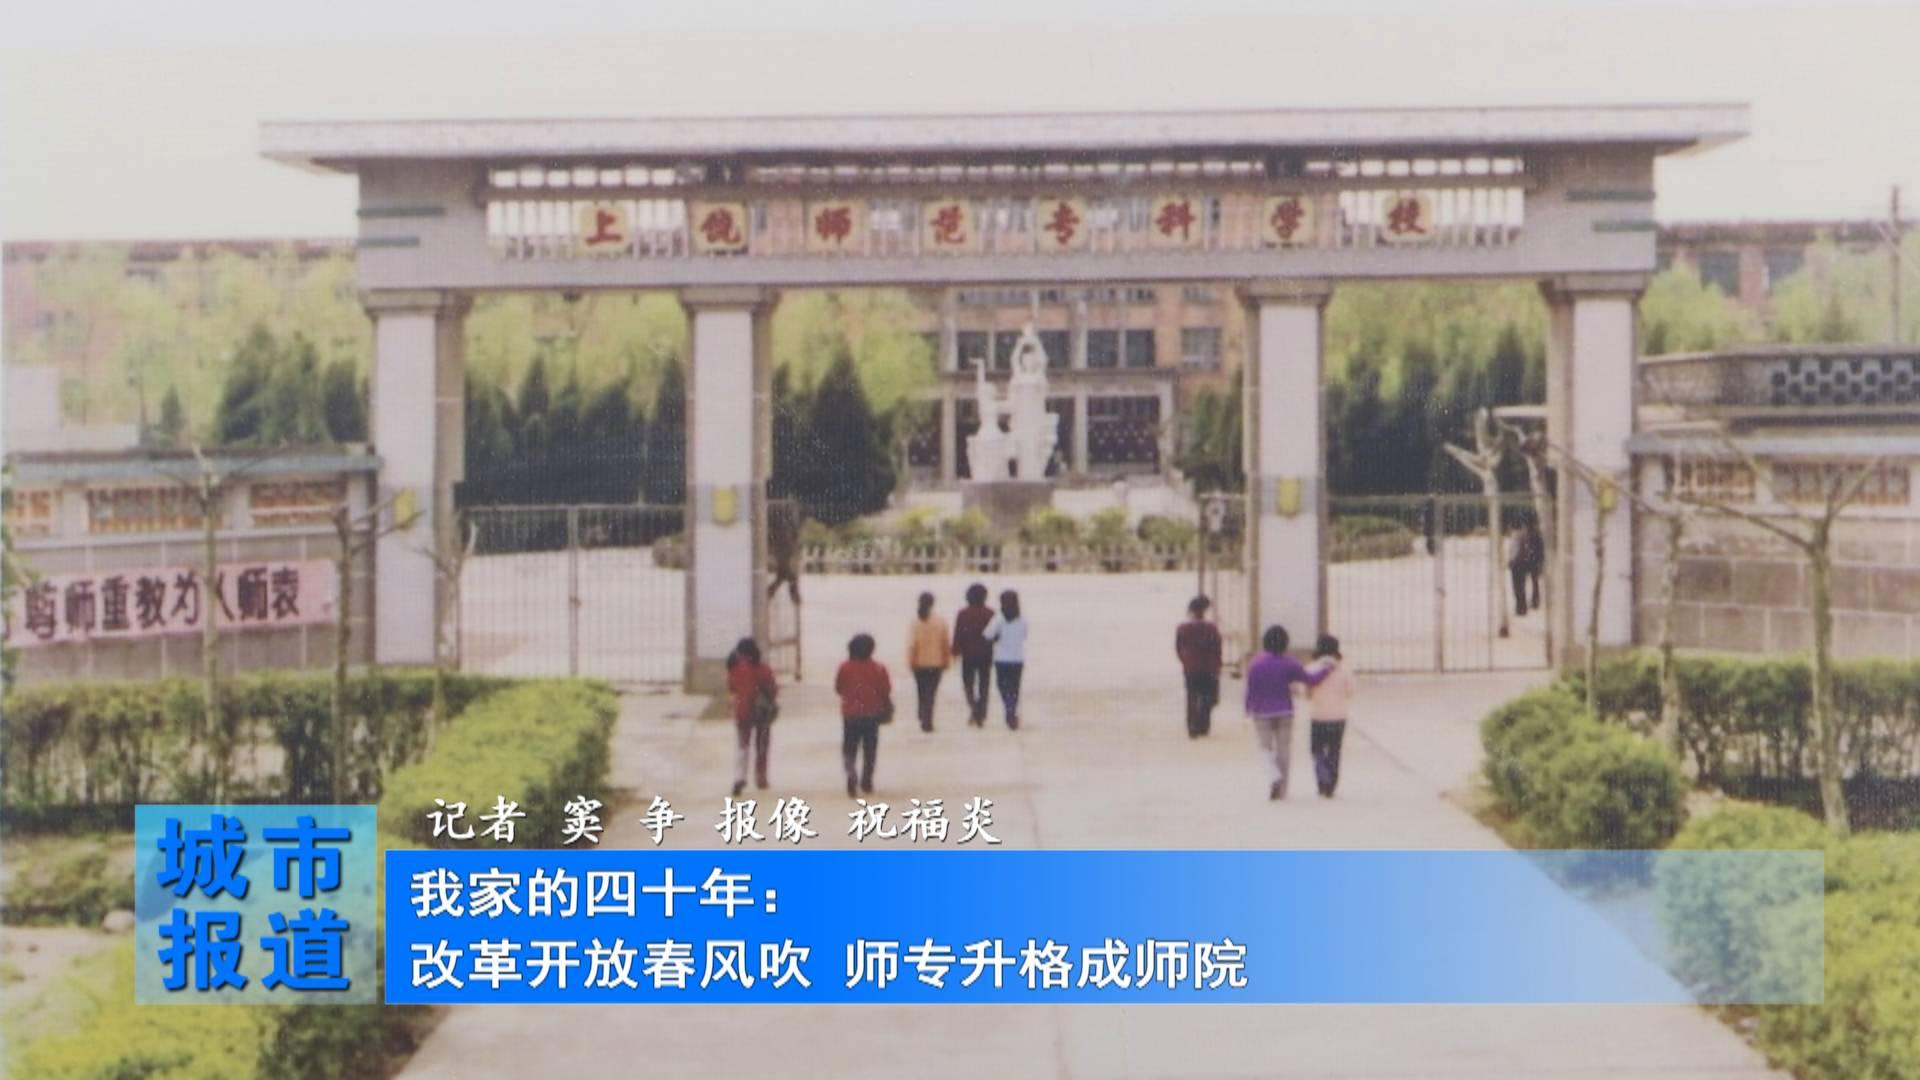 《改革开放四十年》特别报道:我在上饶师院的40年